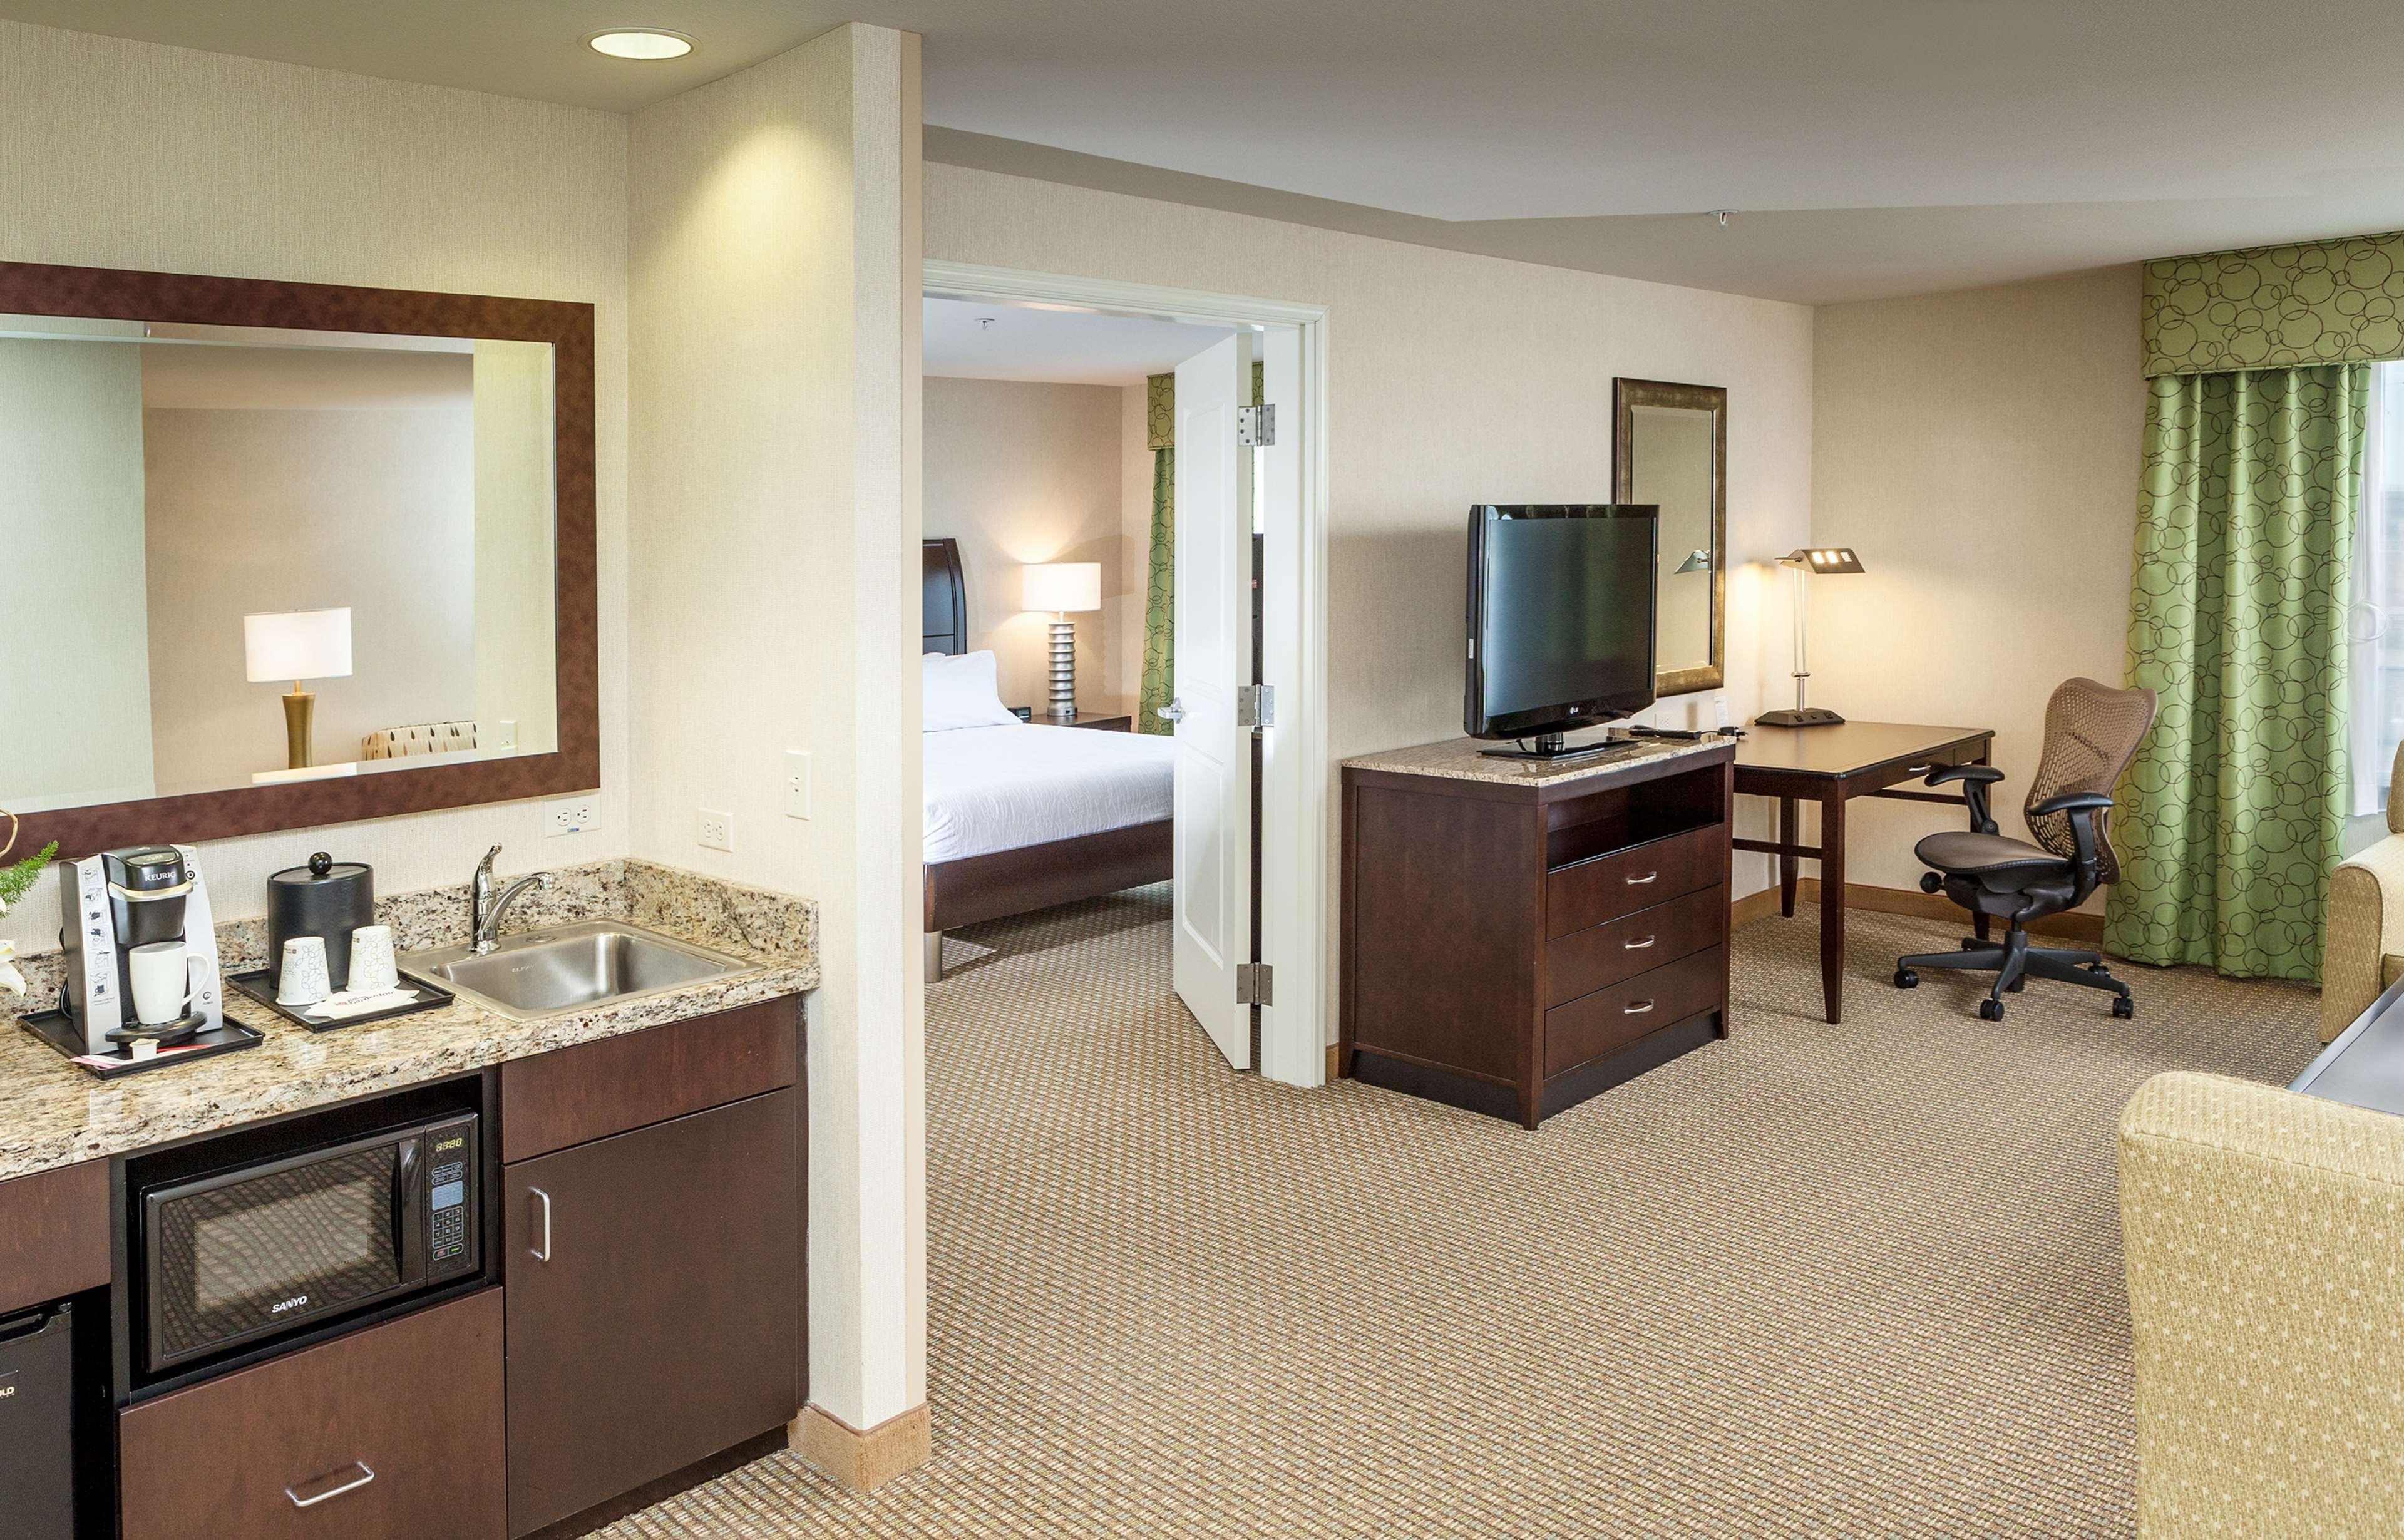 Hilton Garden Inn Seattle/Bothell, WA image 6